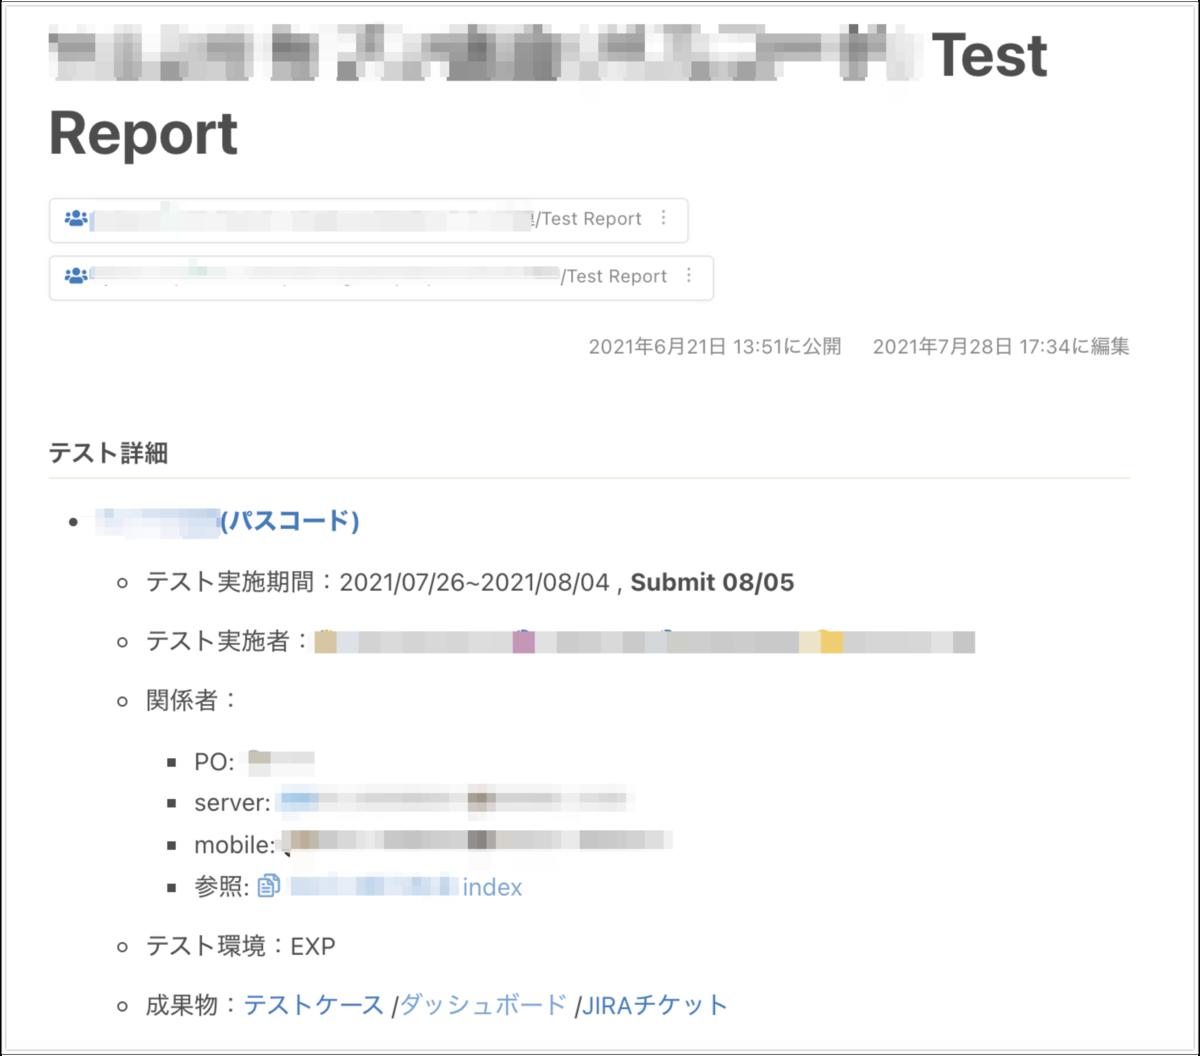 f:id:qa_tokki:20210811150611p:plain